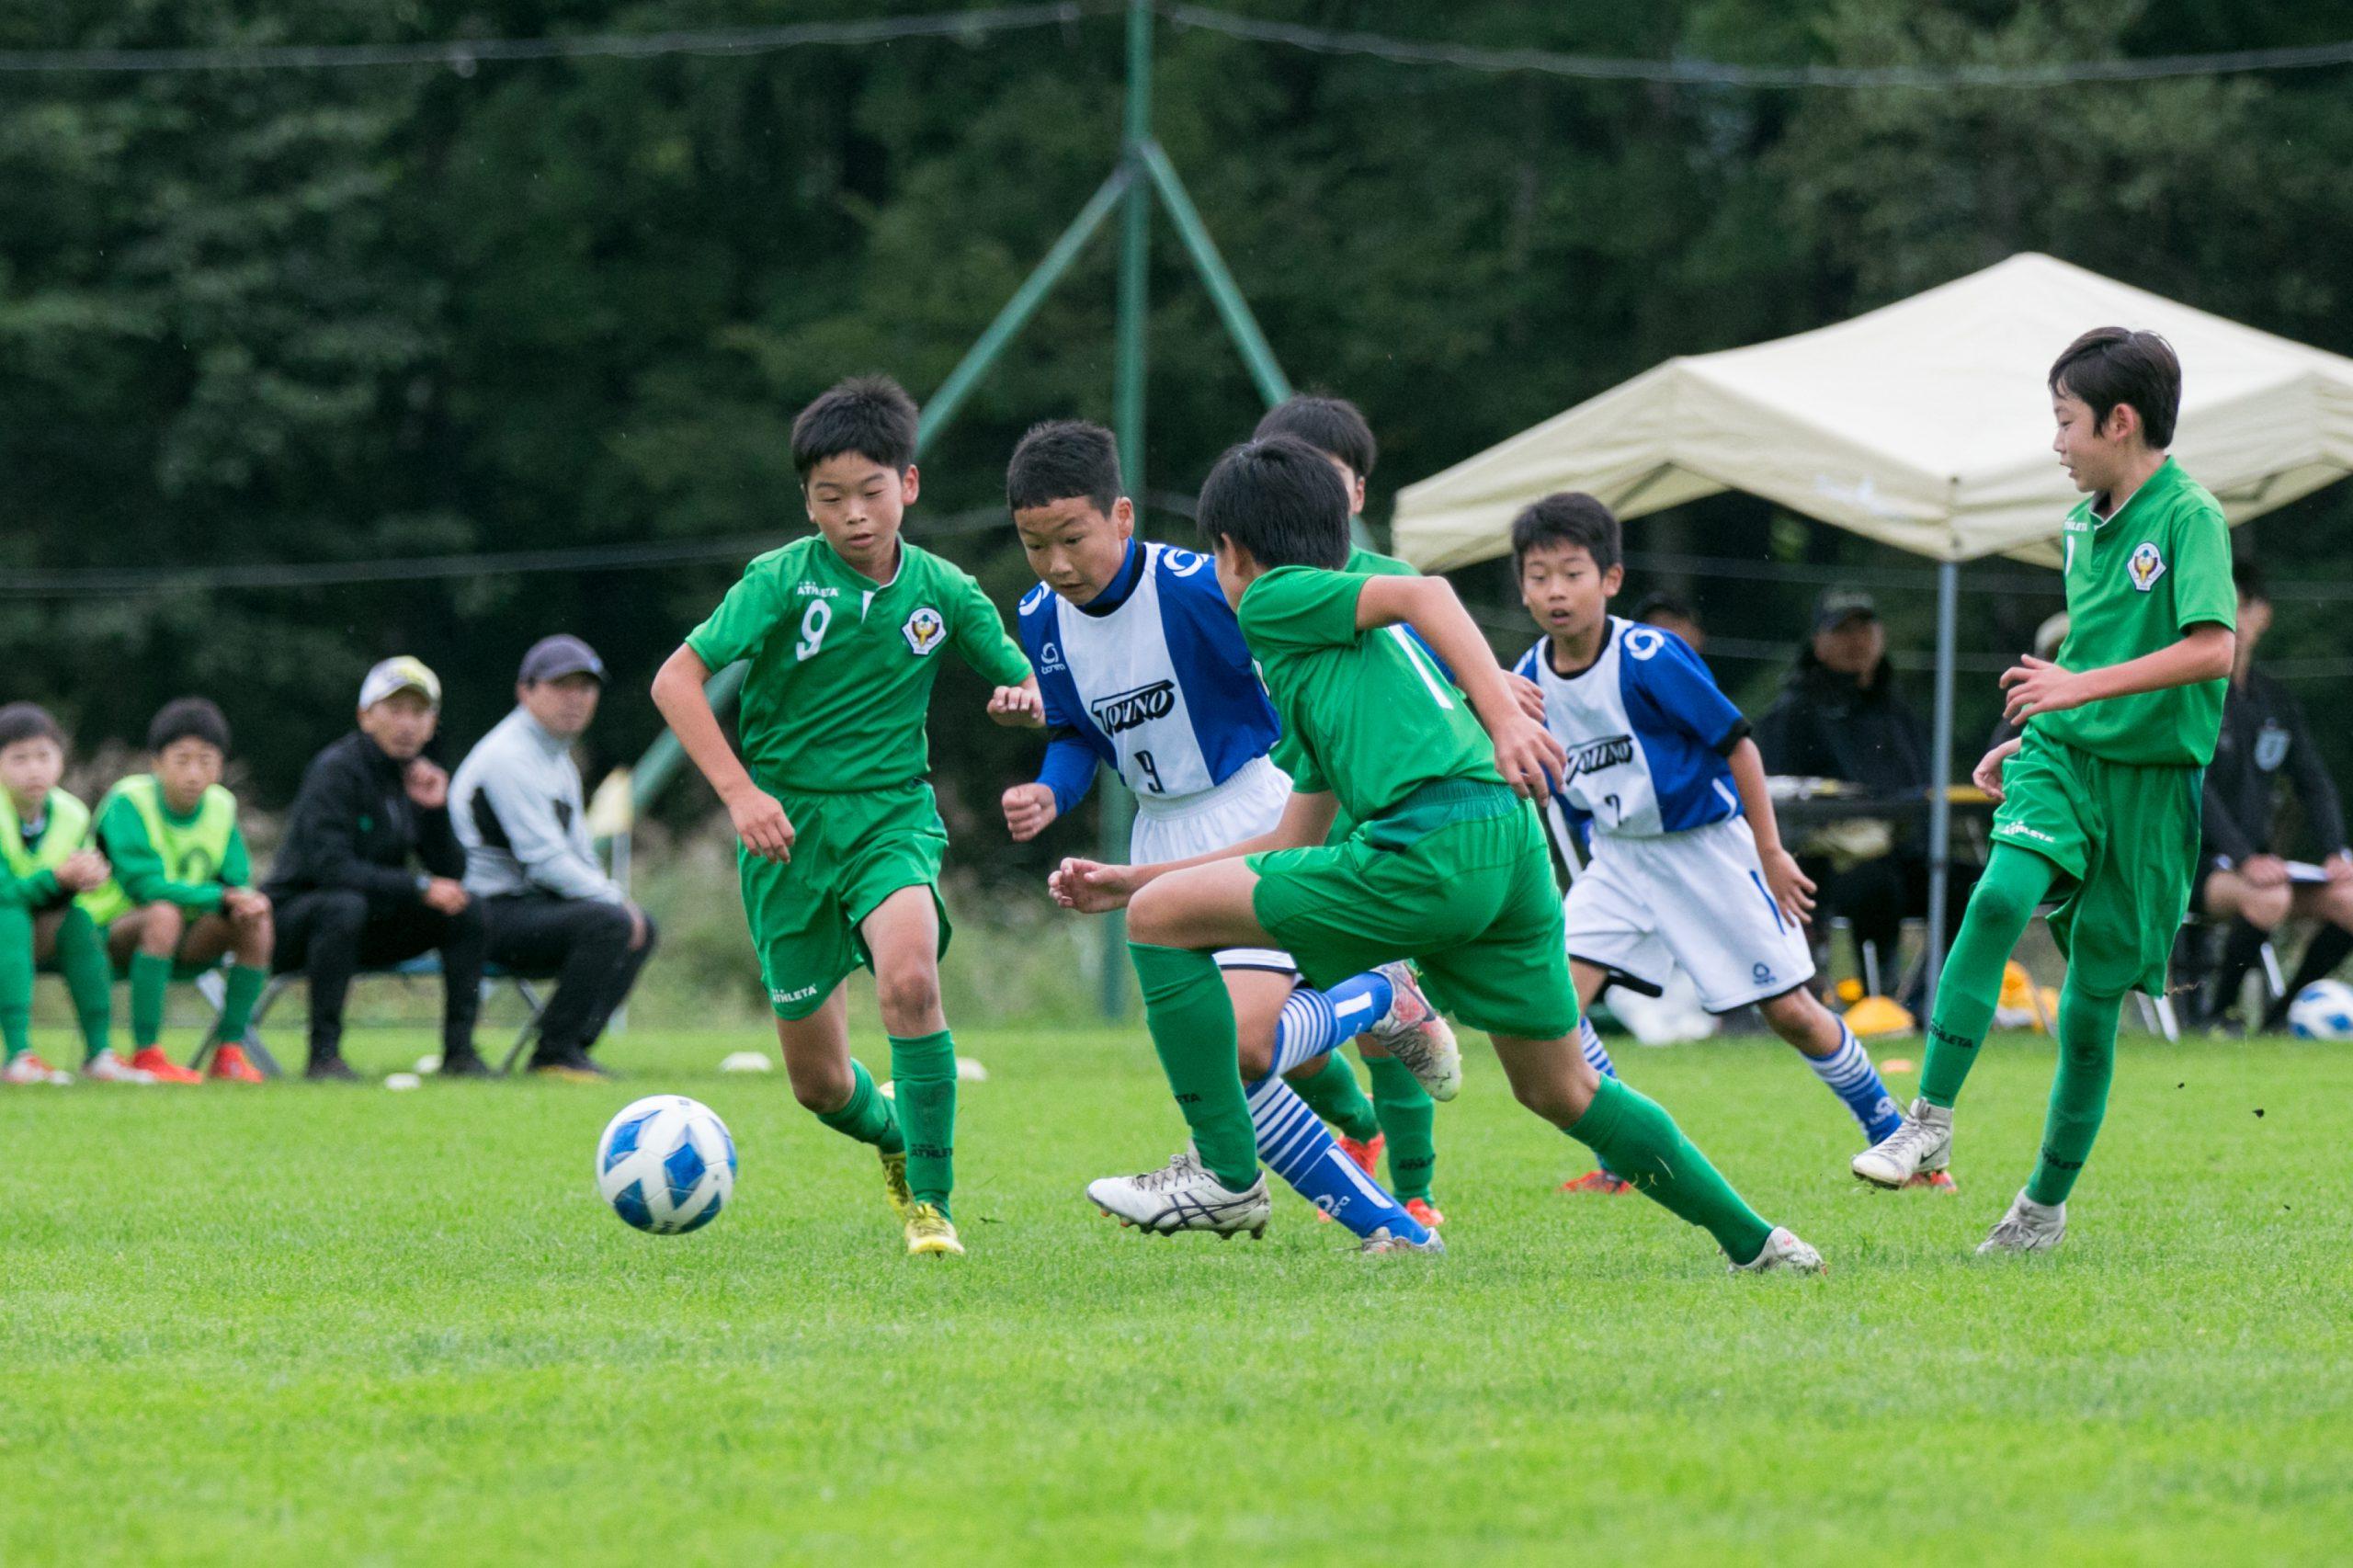 第47回岩手県サッカースポーツ少年団大会